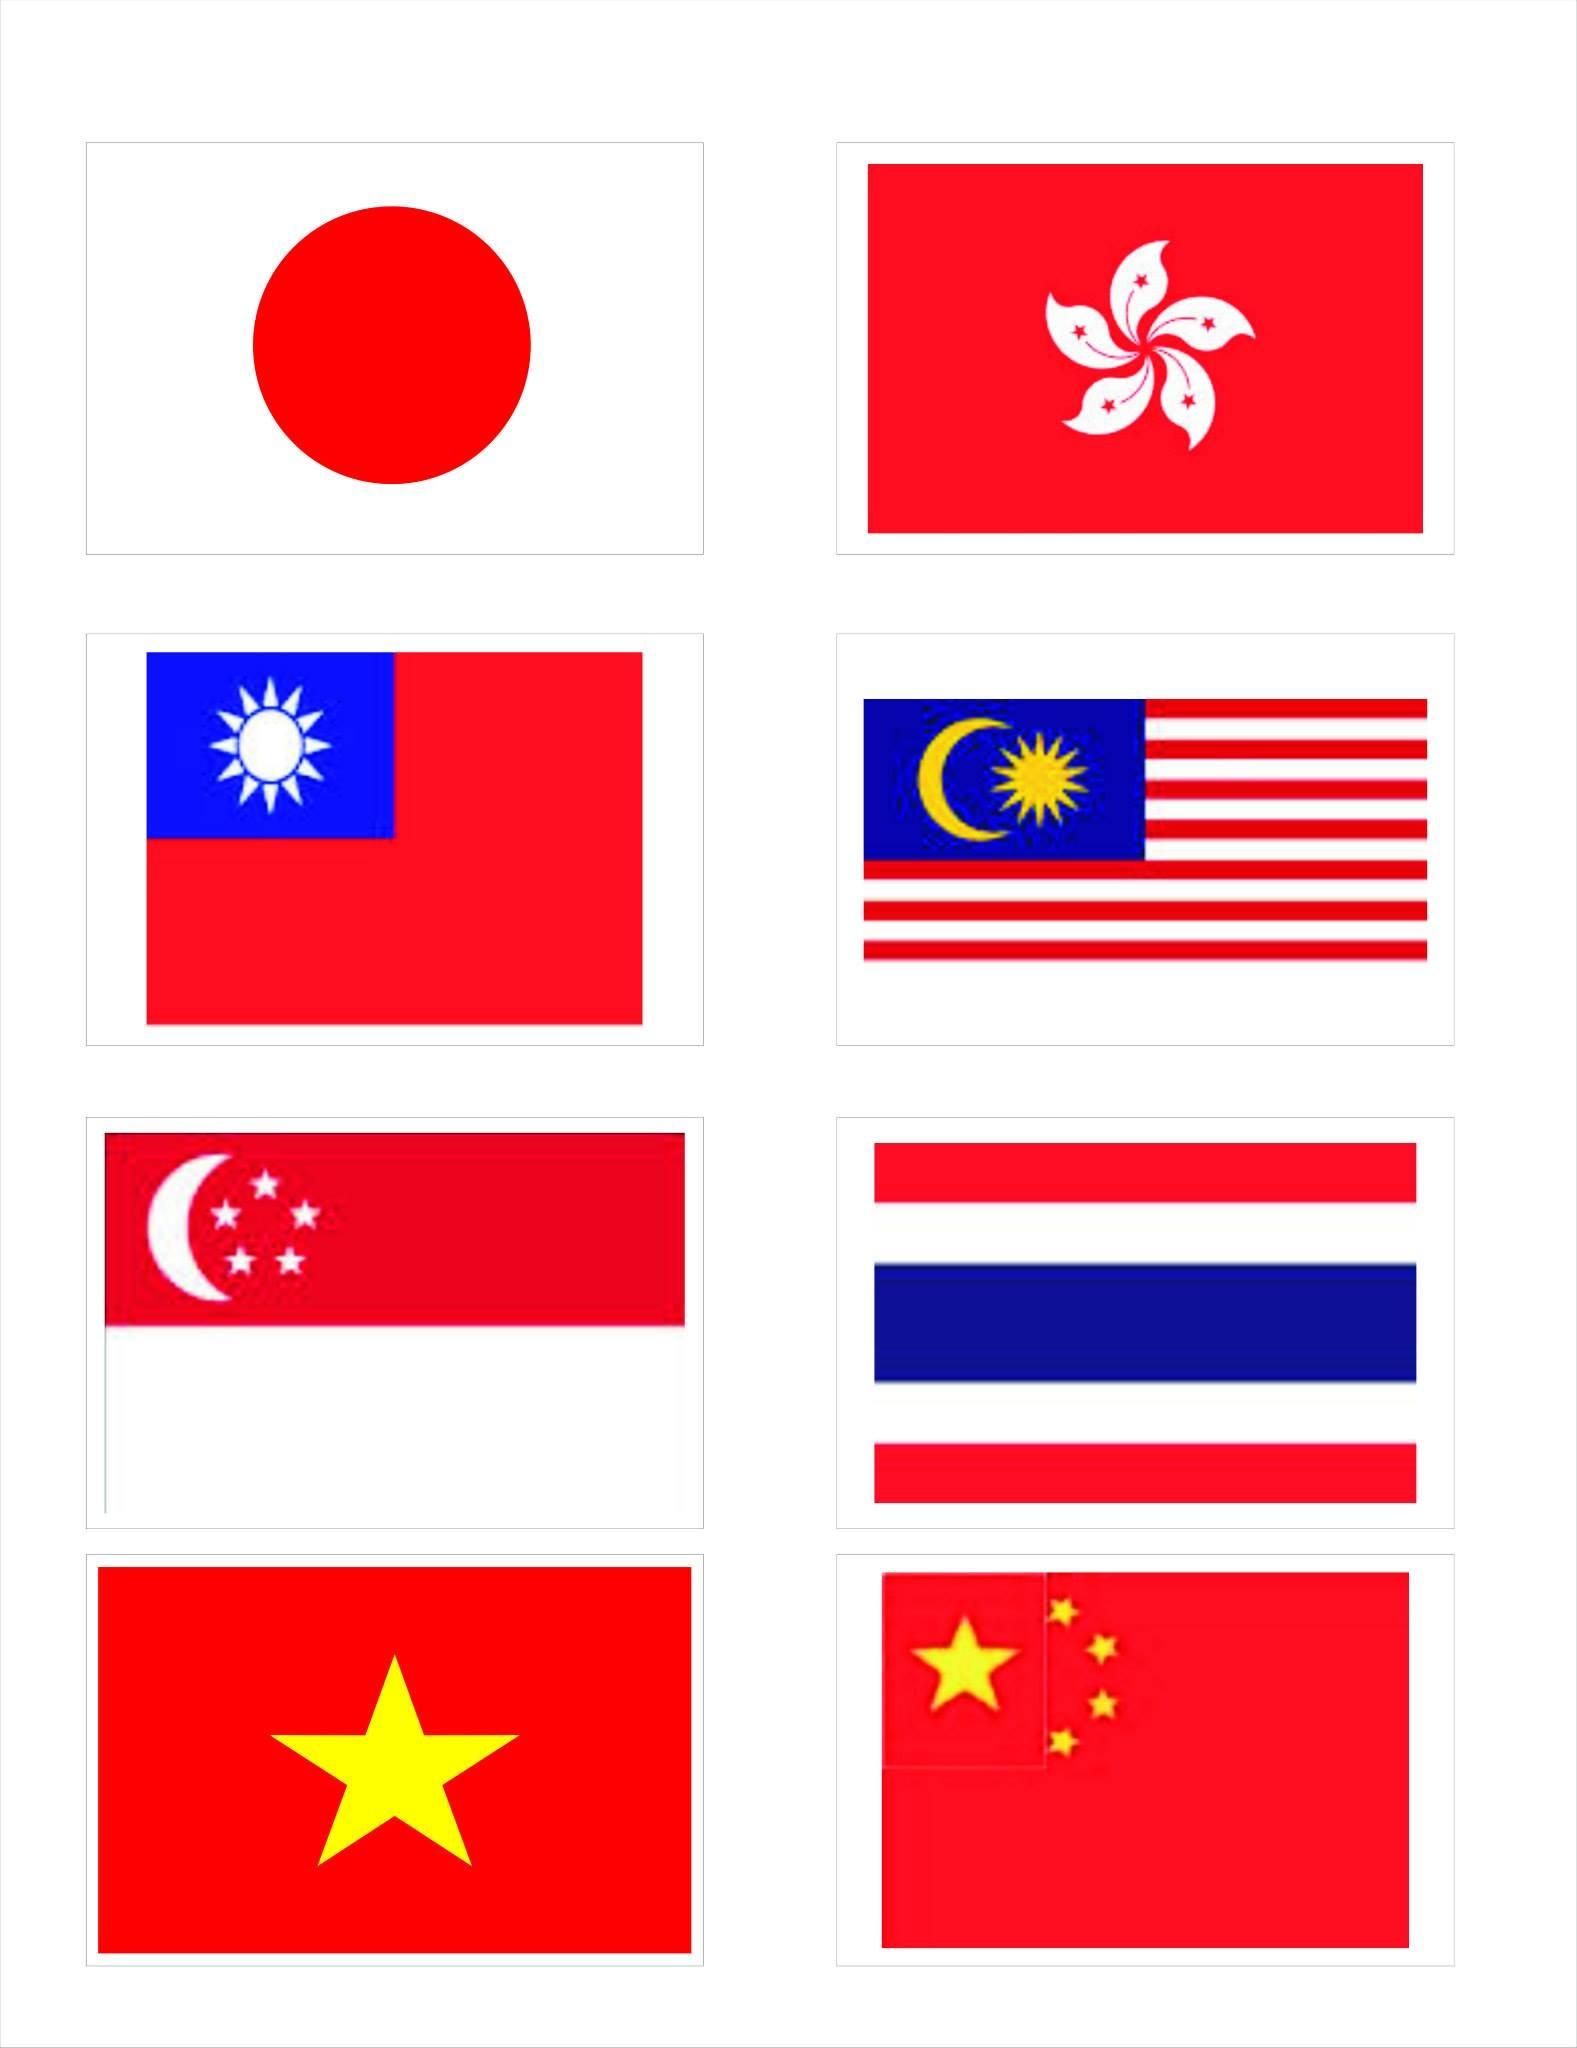 Các nước tham gia Giải khiêu vũ Việt Nam mở rộng 2014